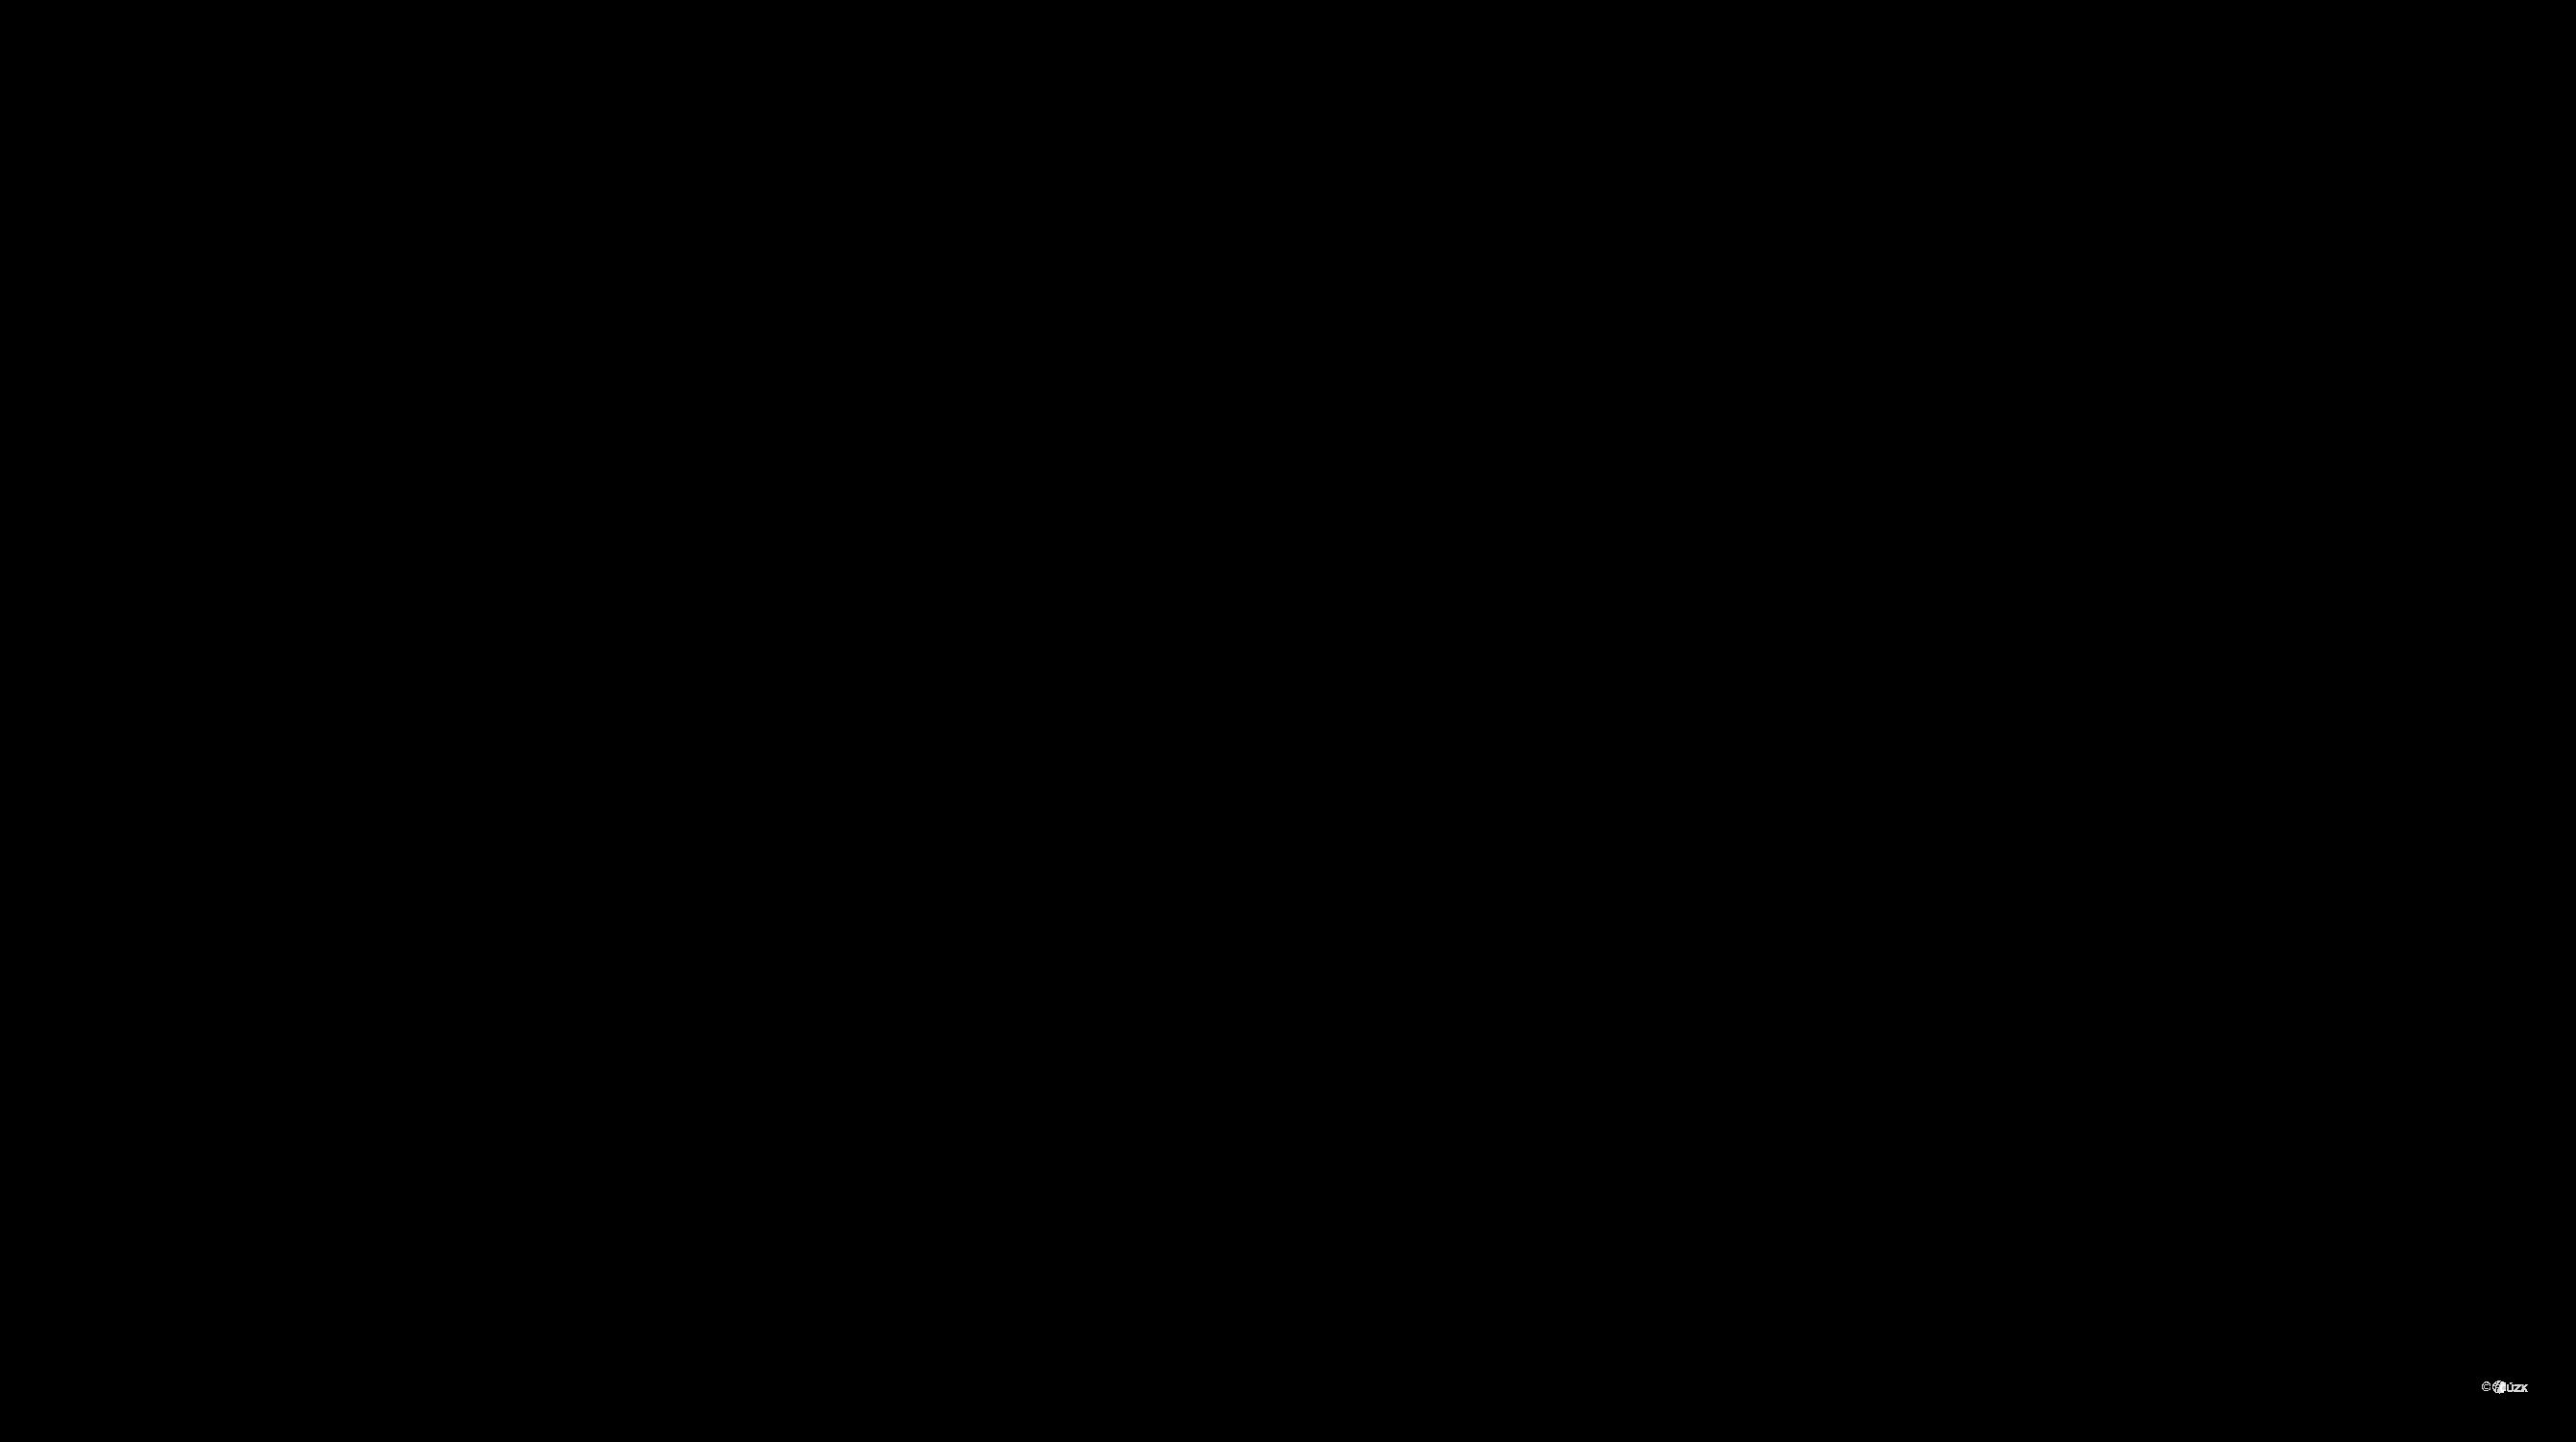 Katastrální mapa pozemků a čísla parcel Políkno u Jindřichova Hradce